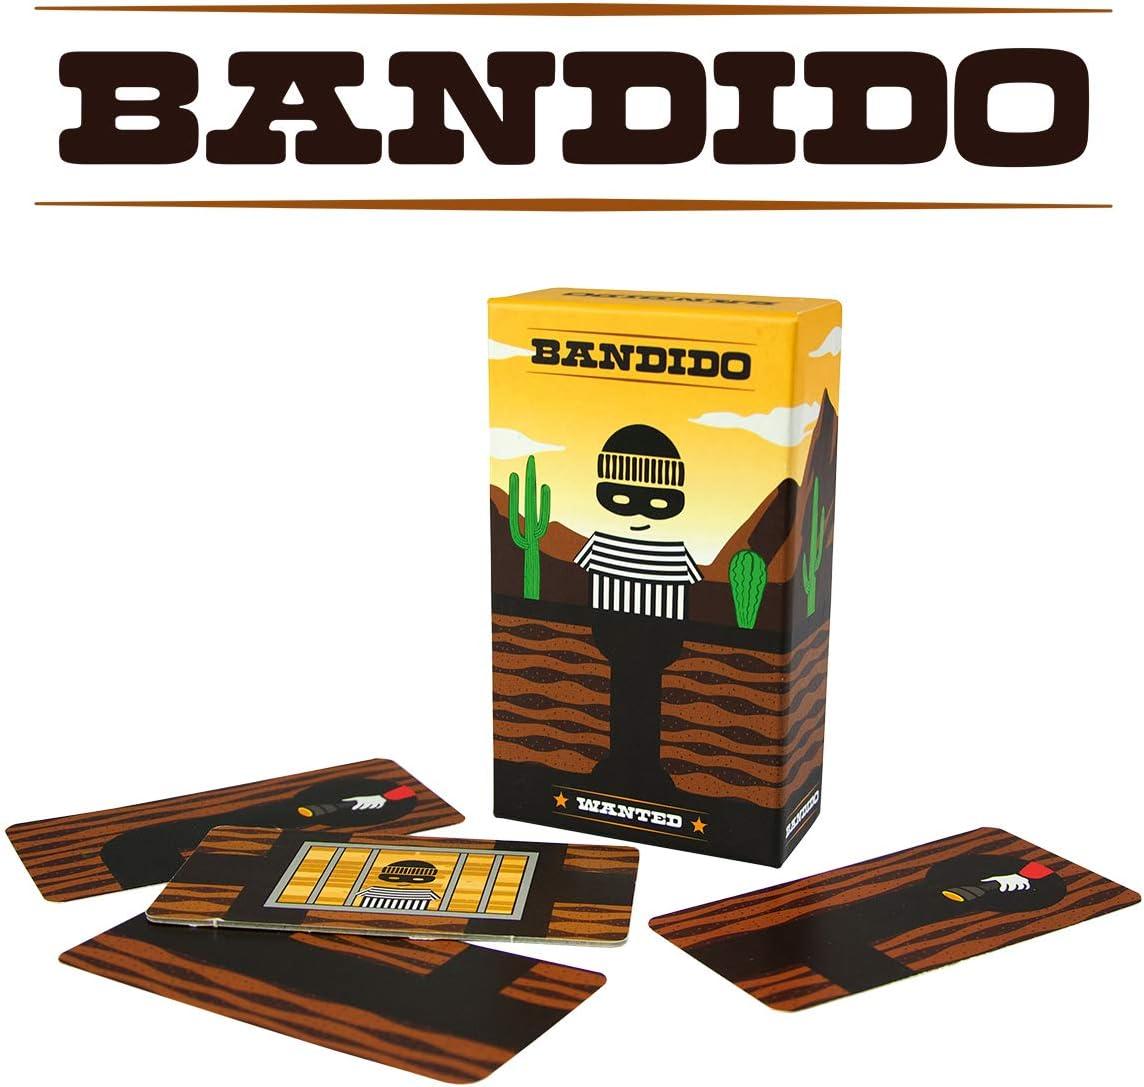 Lúdilo Educativo para niños Bandido Juego de Cartas educati: Amazon.es: Juguetes y juegos